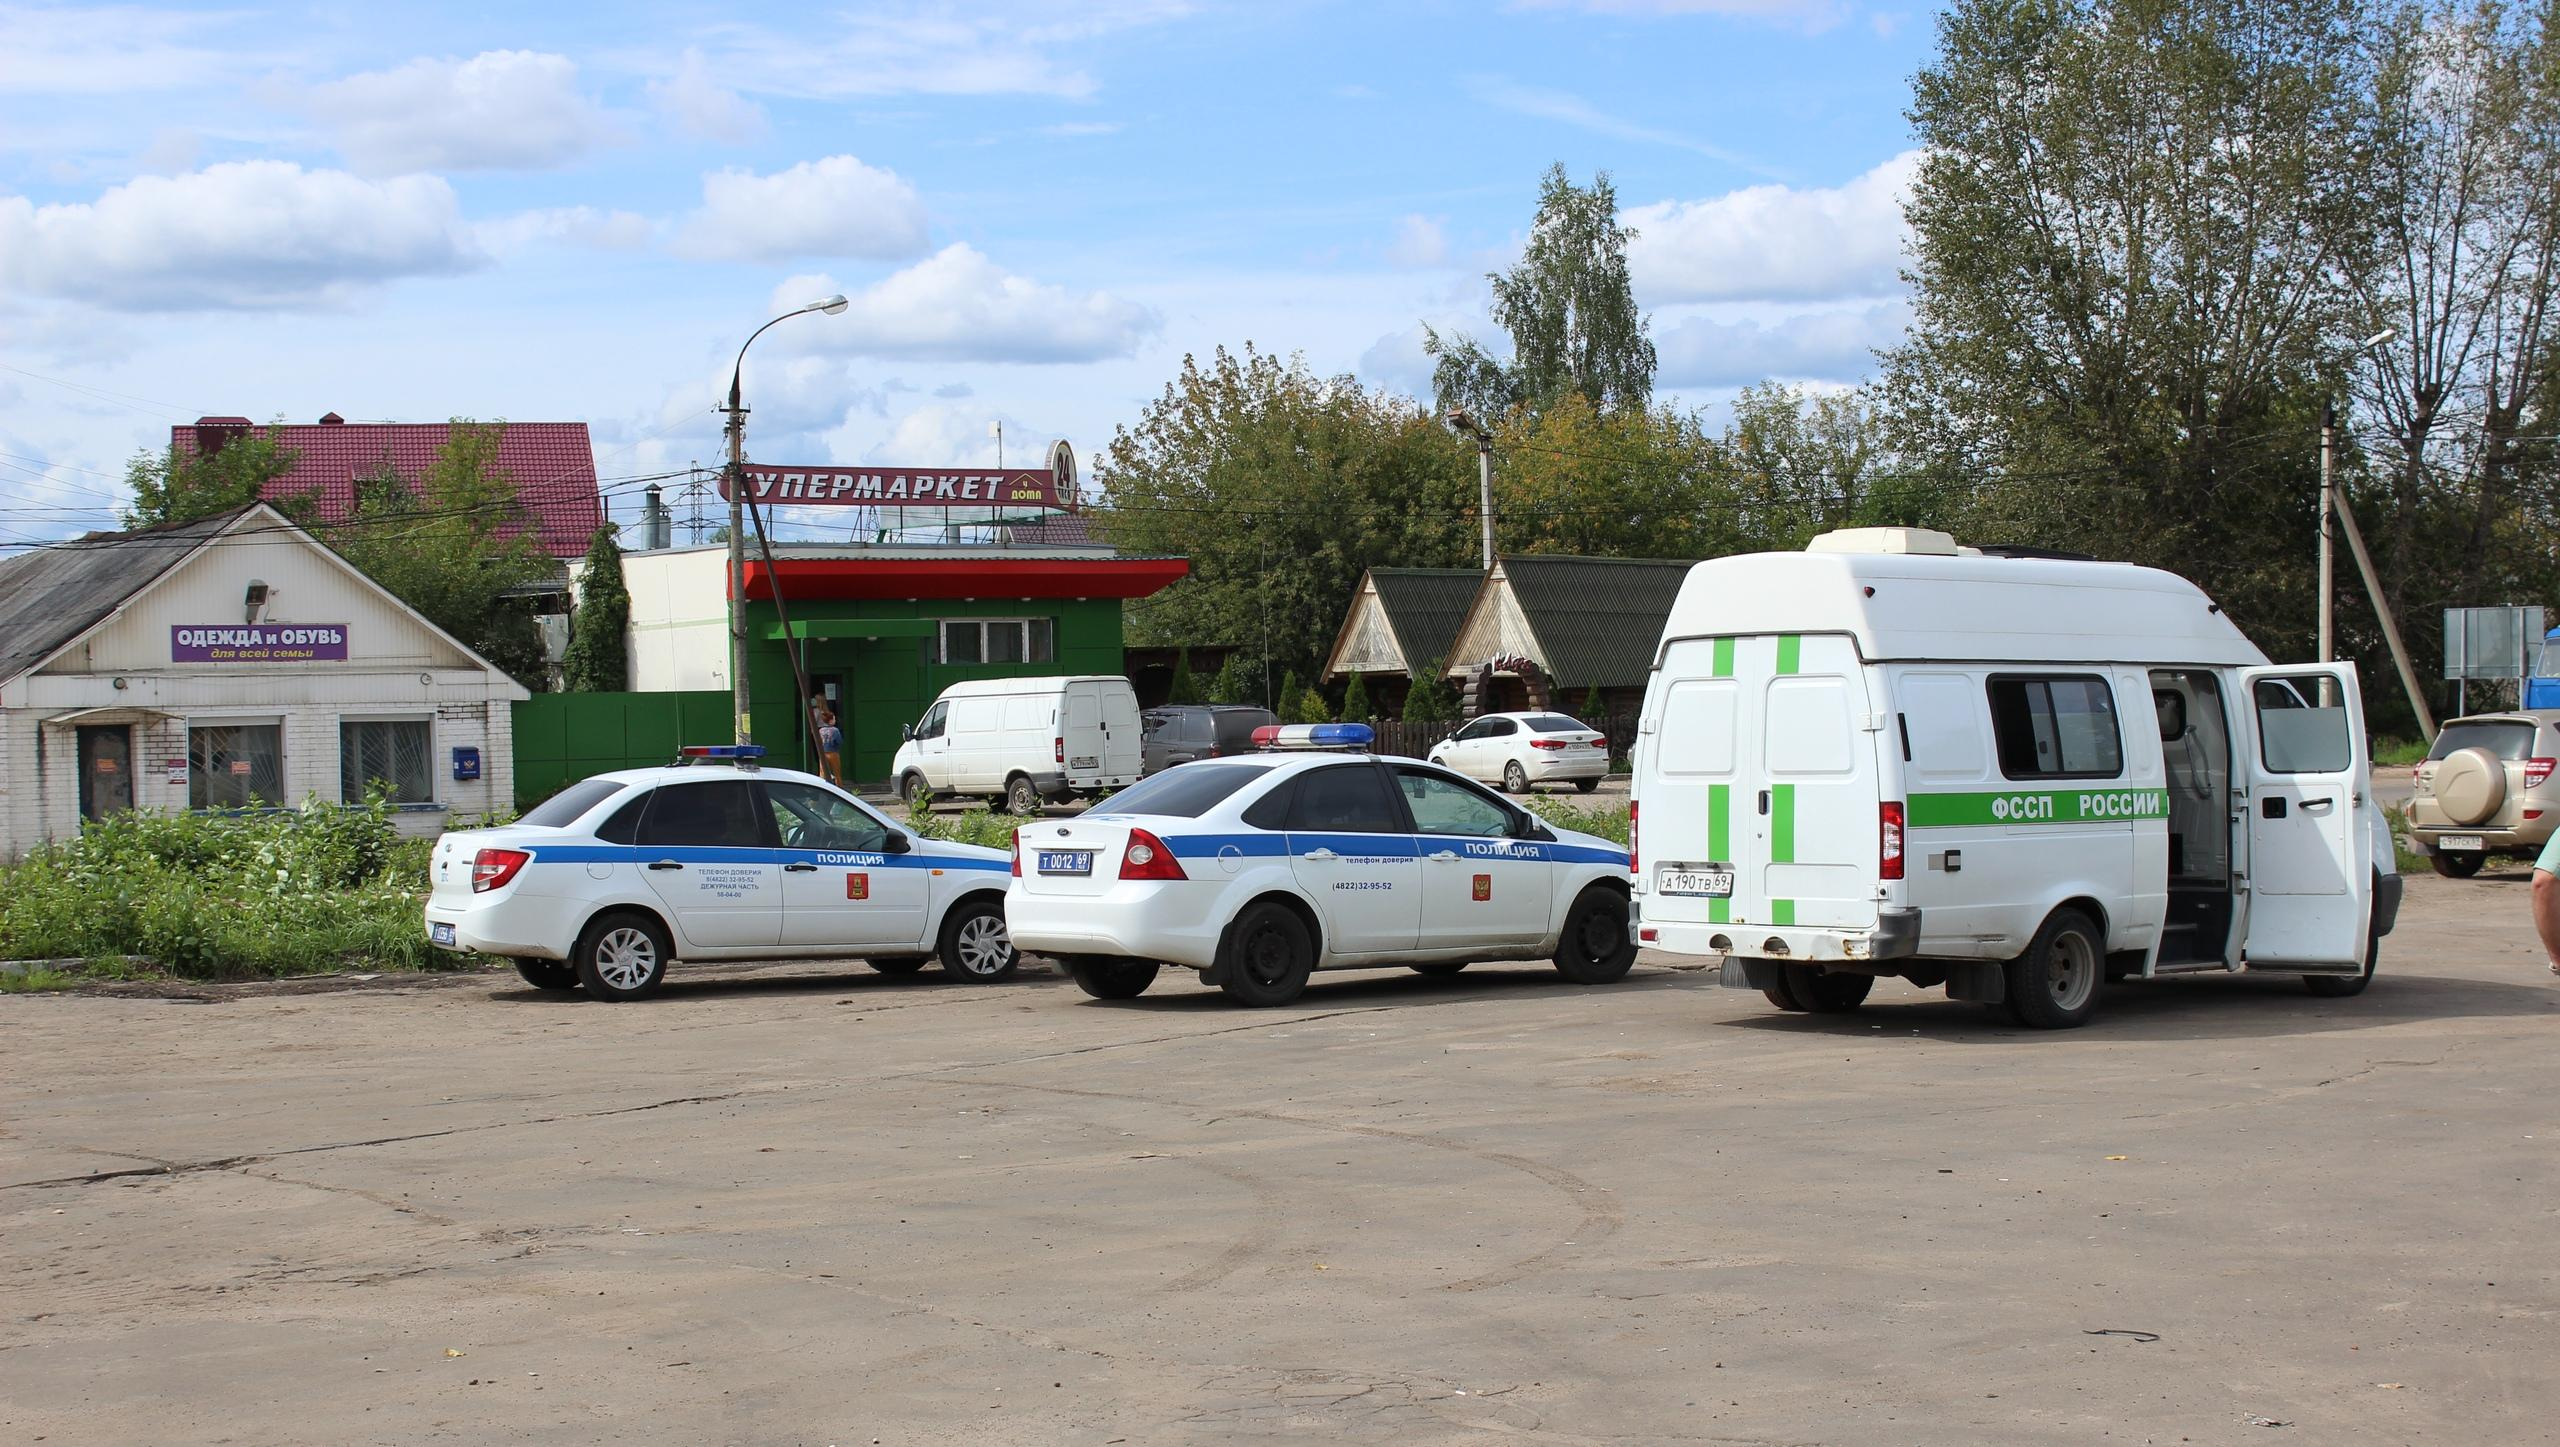 Бюро кредитных историй иркутск